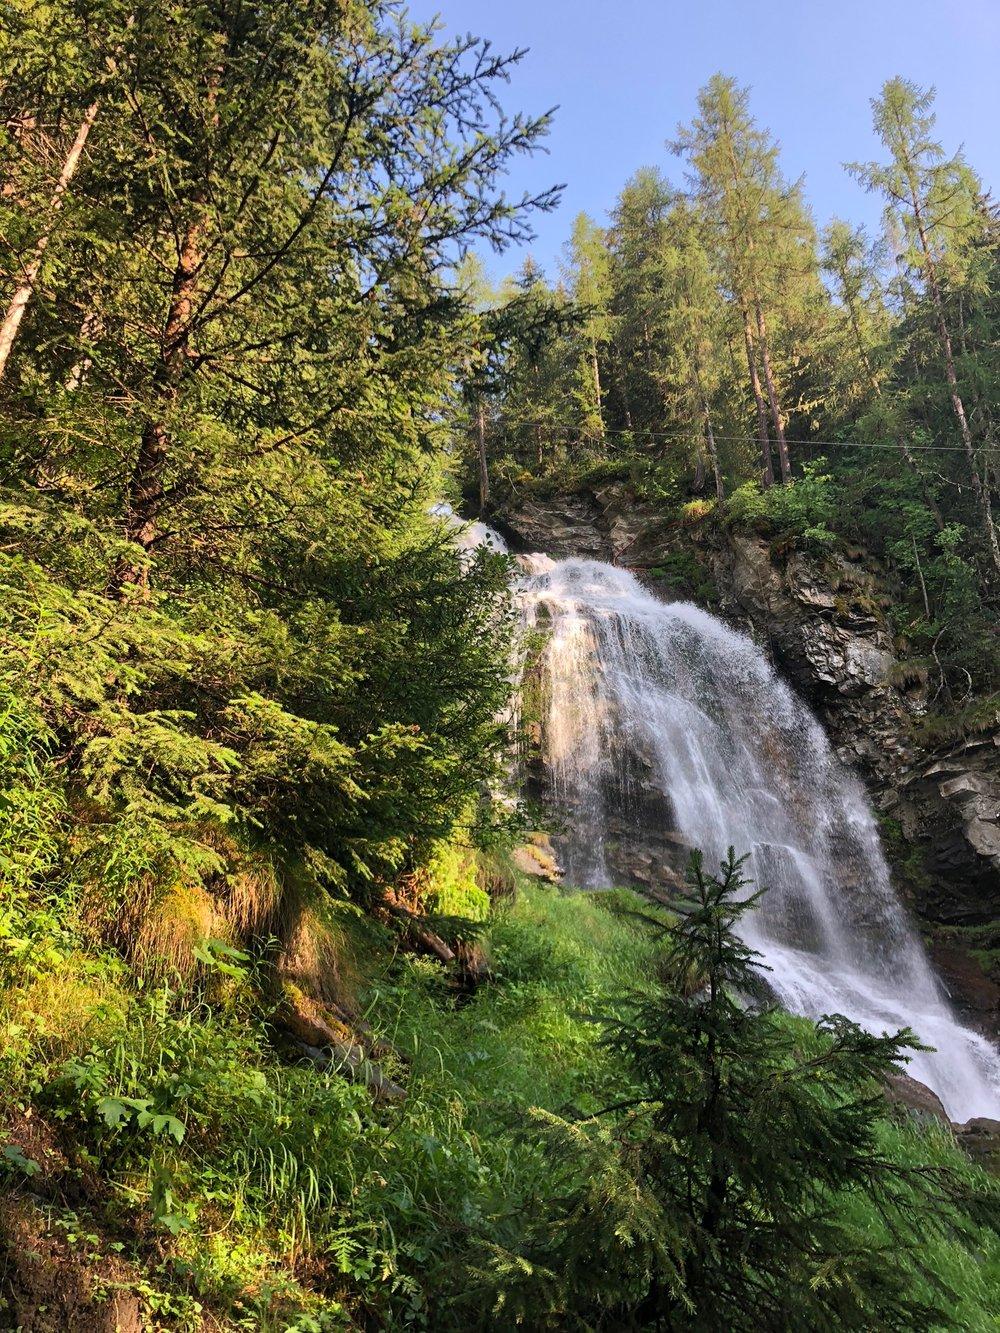 Cascata di Mascognaz, Valle d'Aosta, Italy.